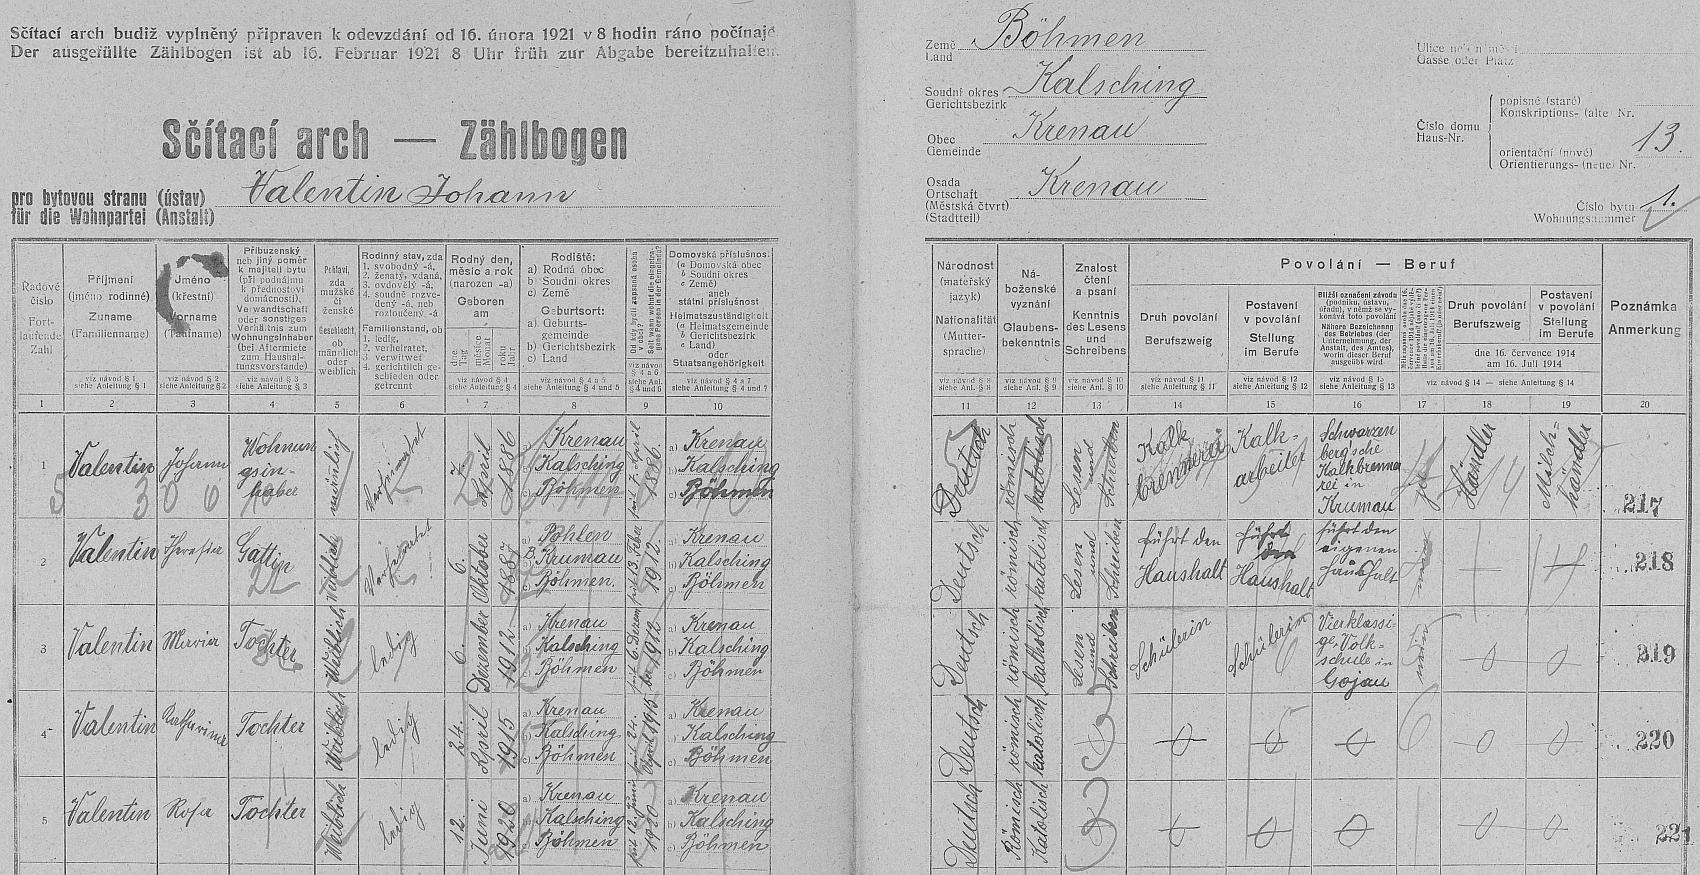 Arch sčítání lidu z roku 1921 pro stavení čp. 13 v Křenově s rodinou Valentinovou o třech dcerách